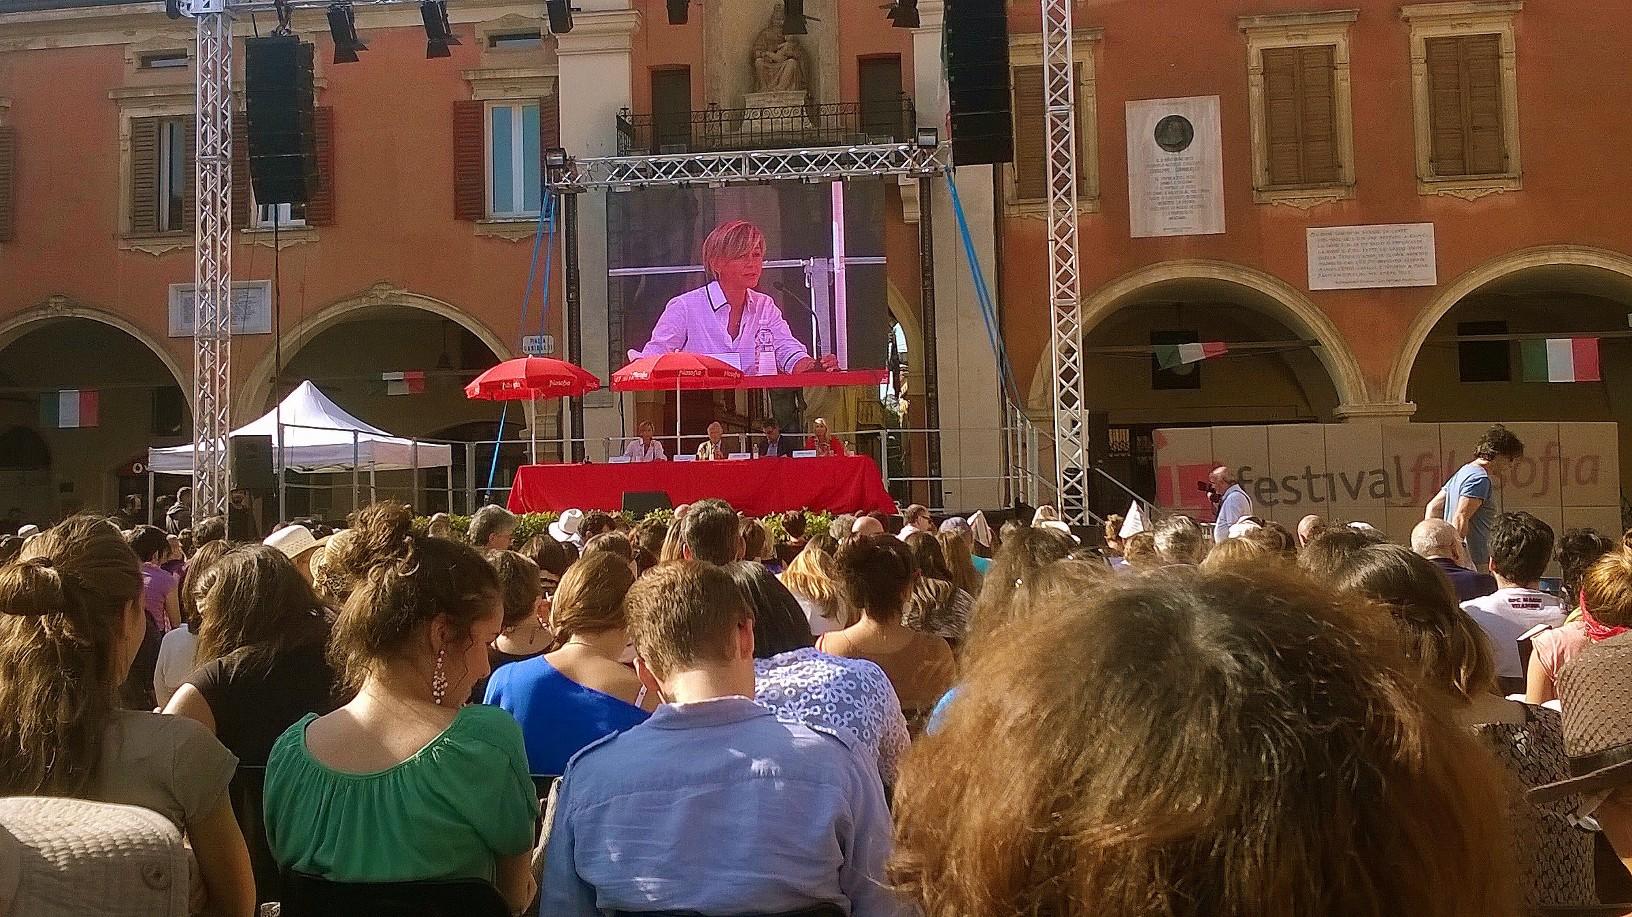 pubblico Sassuolo festival filosofia 2014